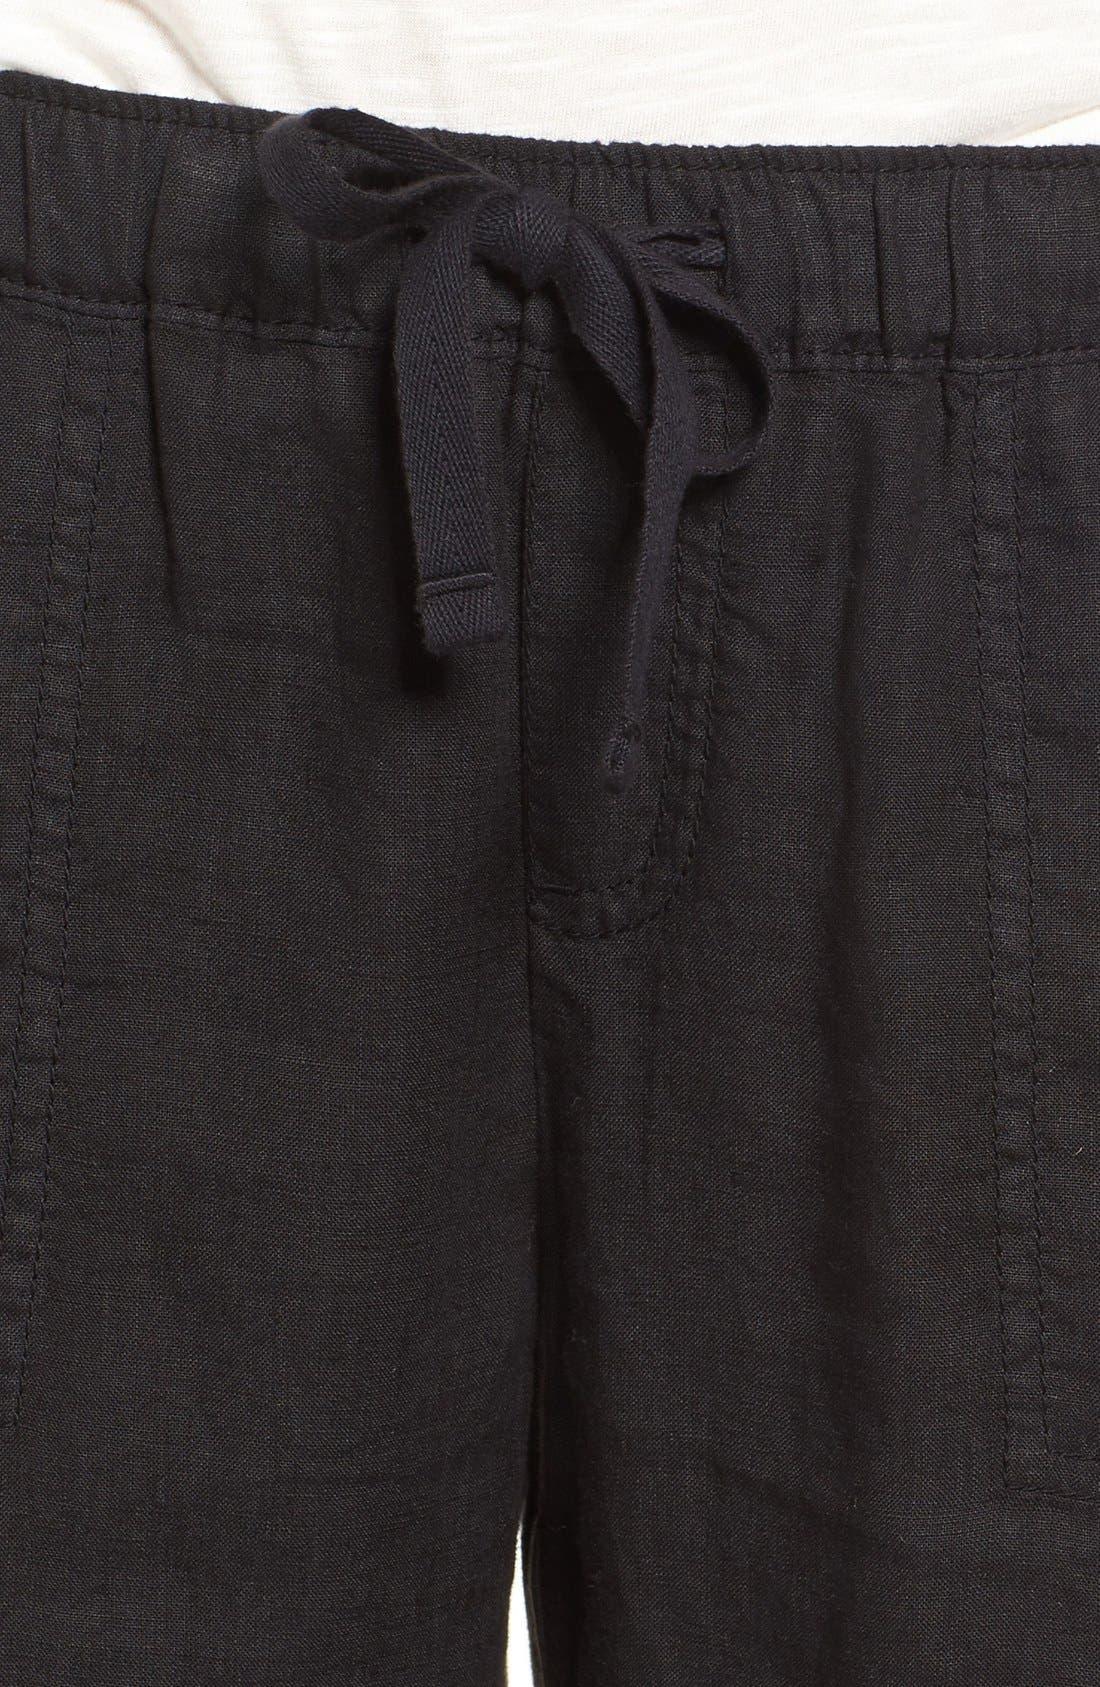 Crop Linen Joggers,                             Alternate thumbnail 20, color,